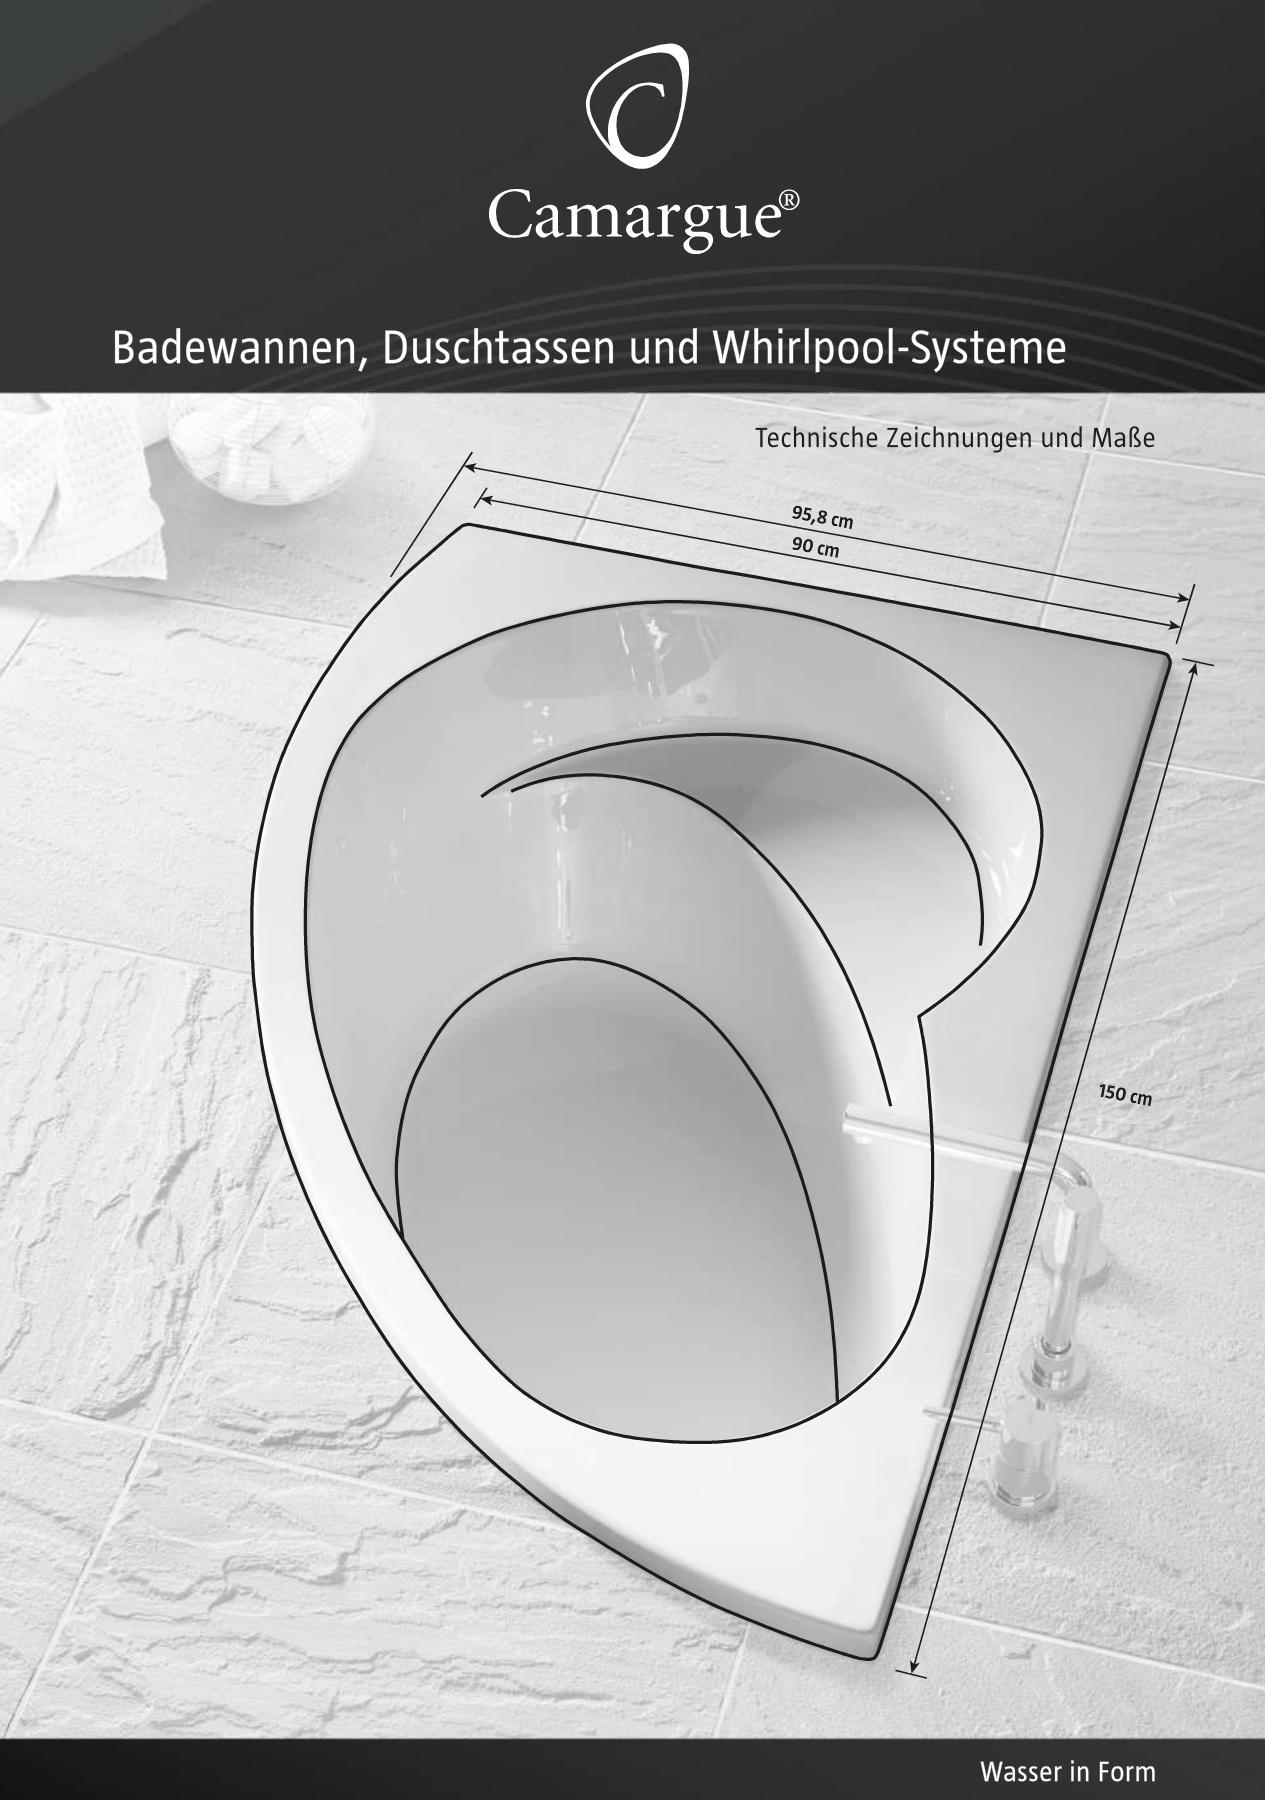 Full Size of Whirlpool Bauhaus Outdoor Aufblasbar Miami Intex Deutschland Family Angebot Mars Camargue Badewannen Duschen Technik Garten Fenster Wohnzimmer Whirlpool Bauhaus